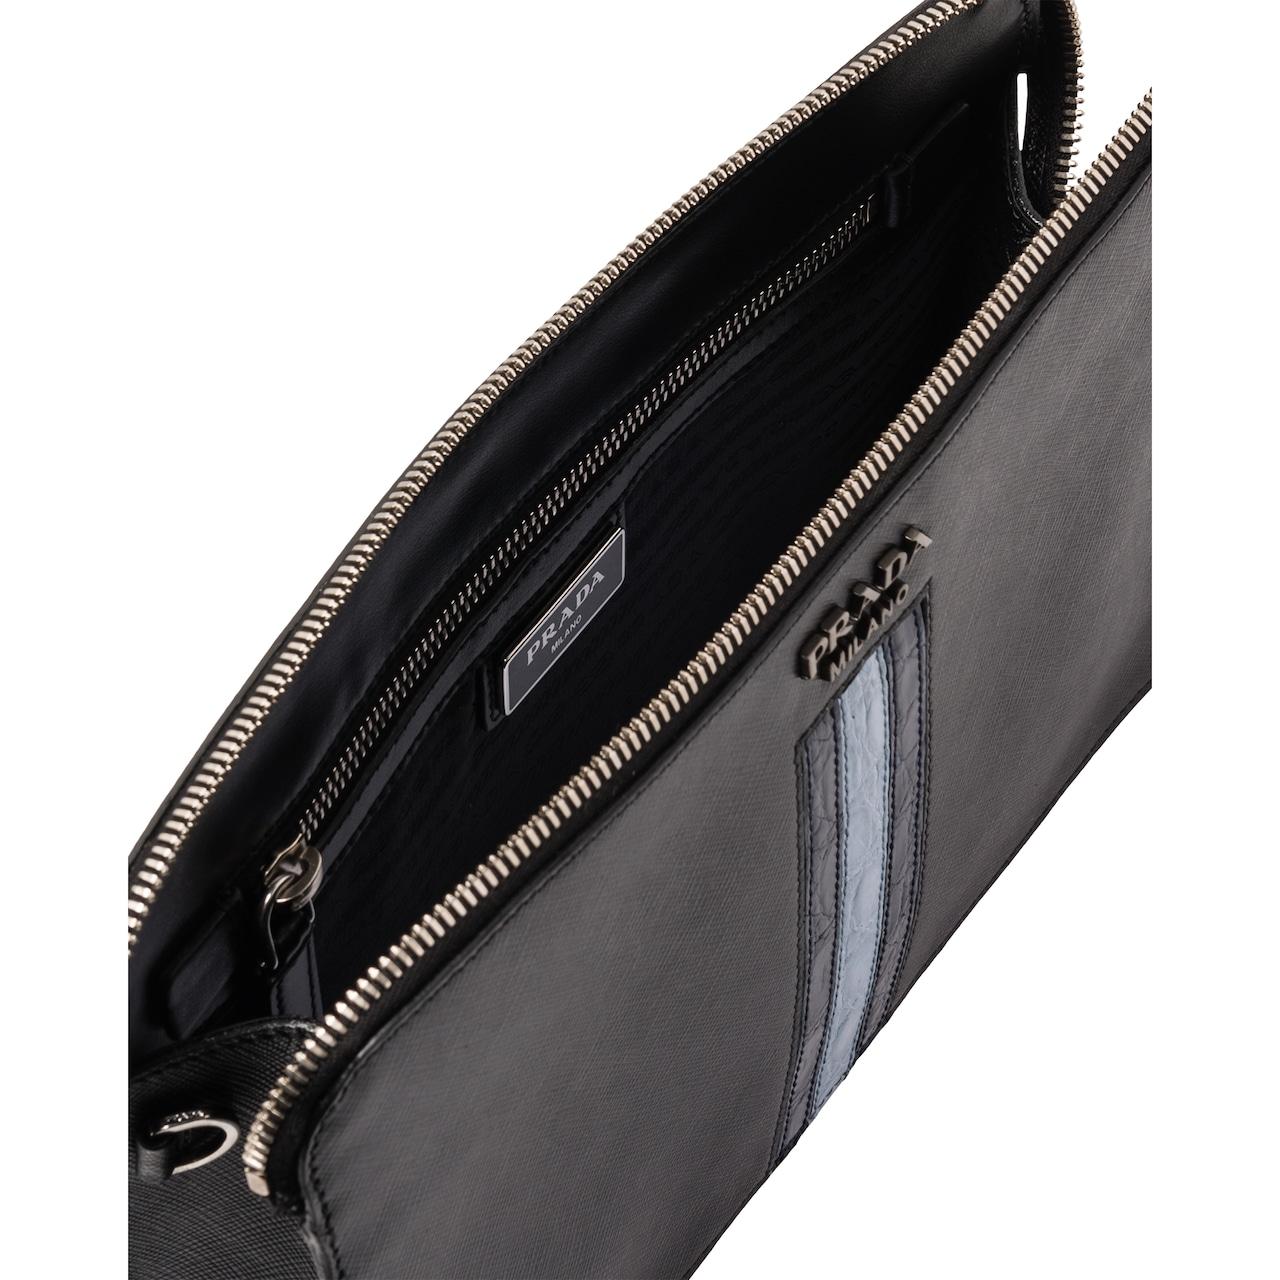 Saffiano leather men's bag